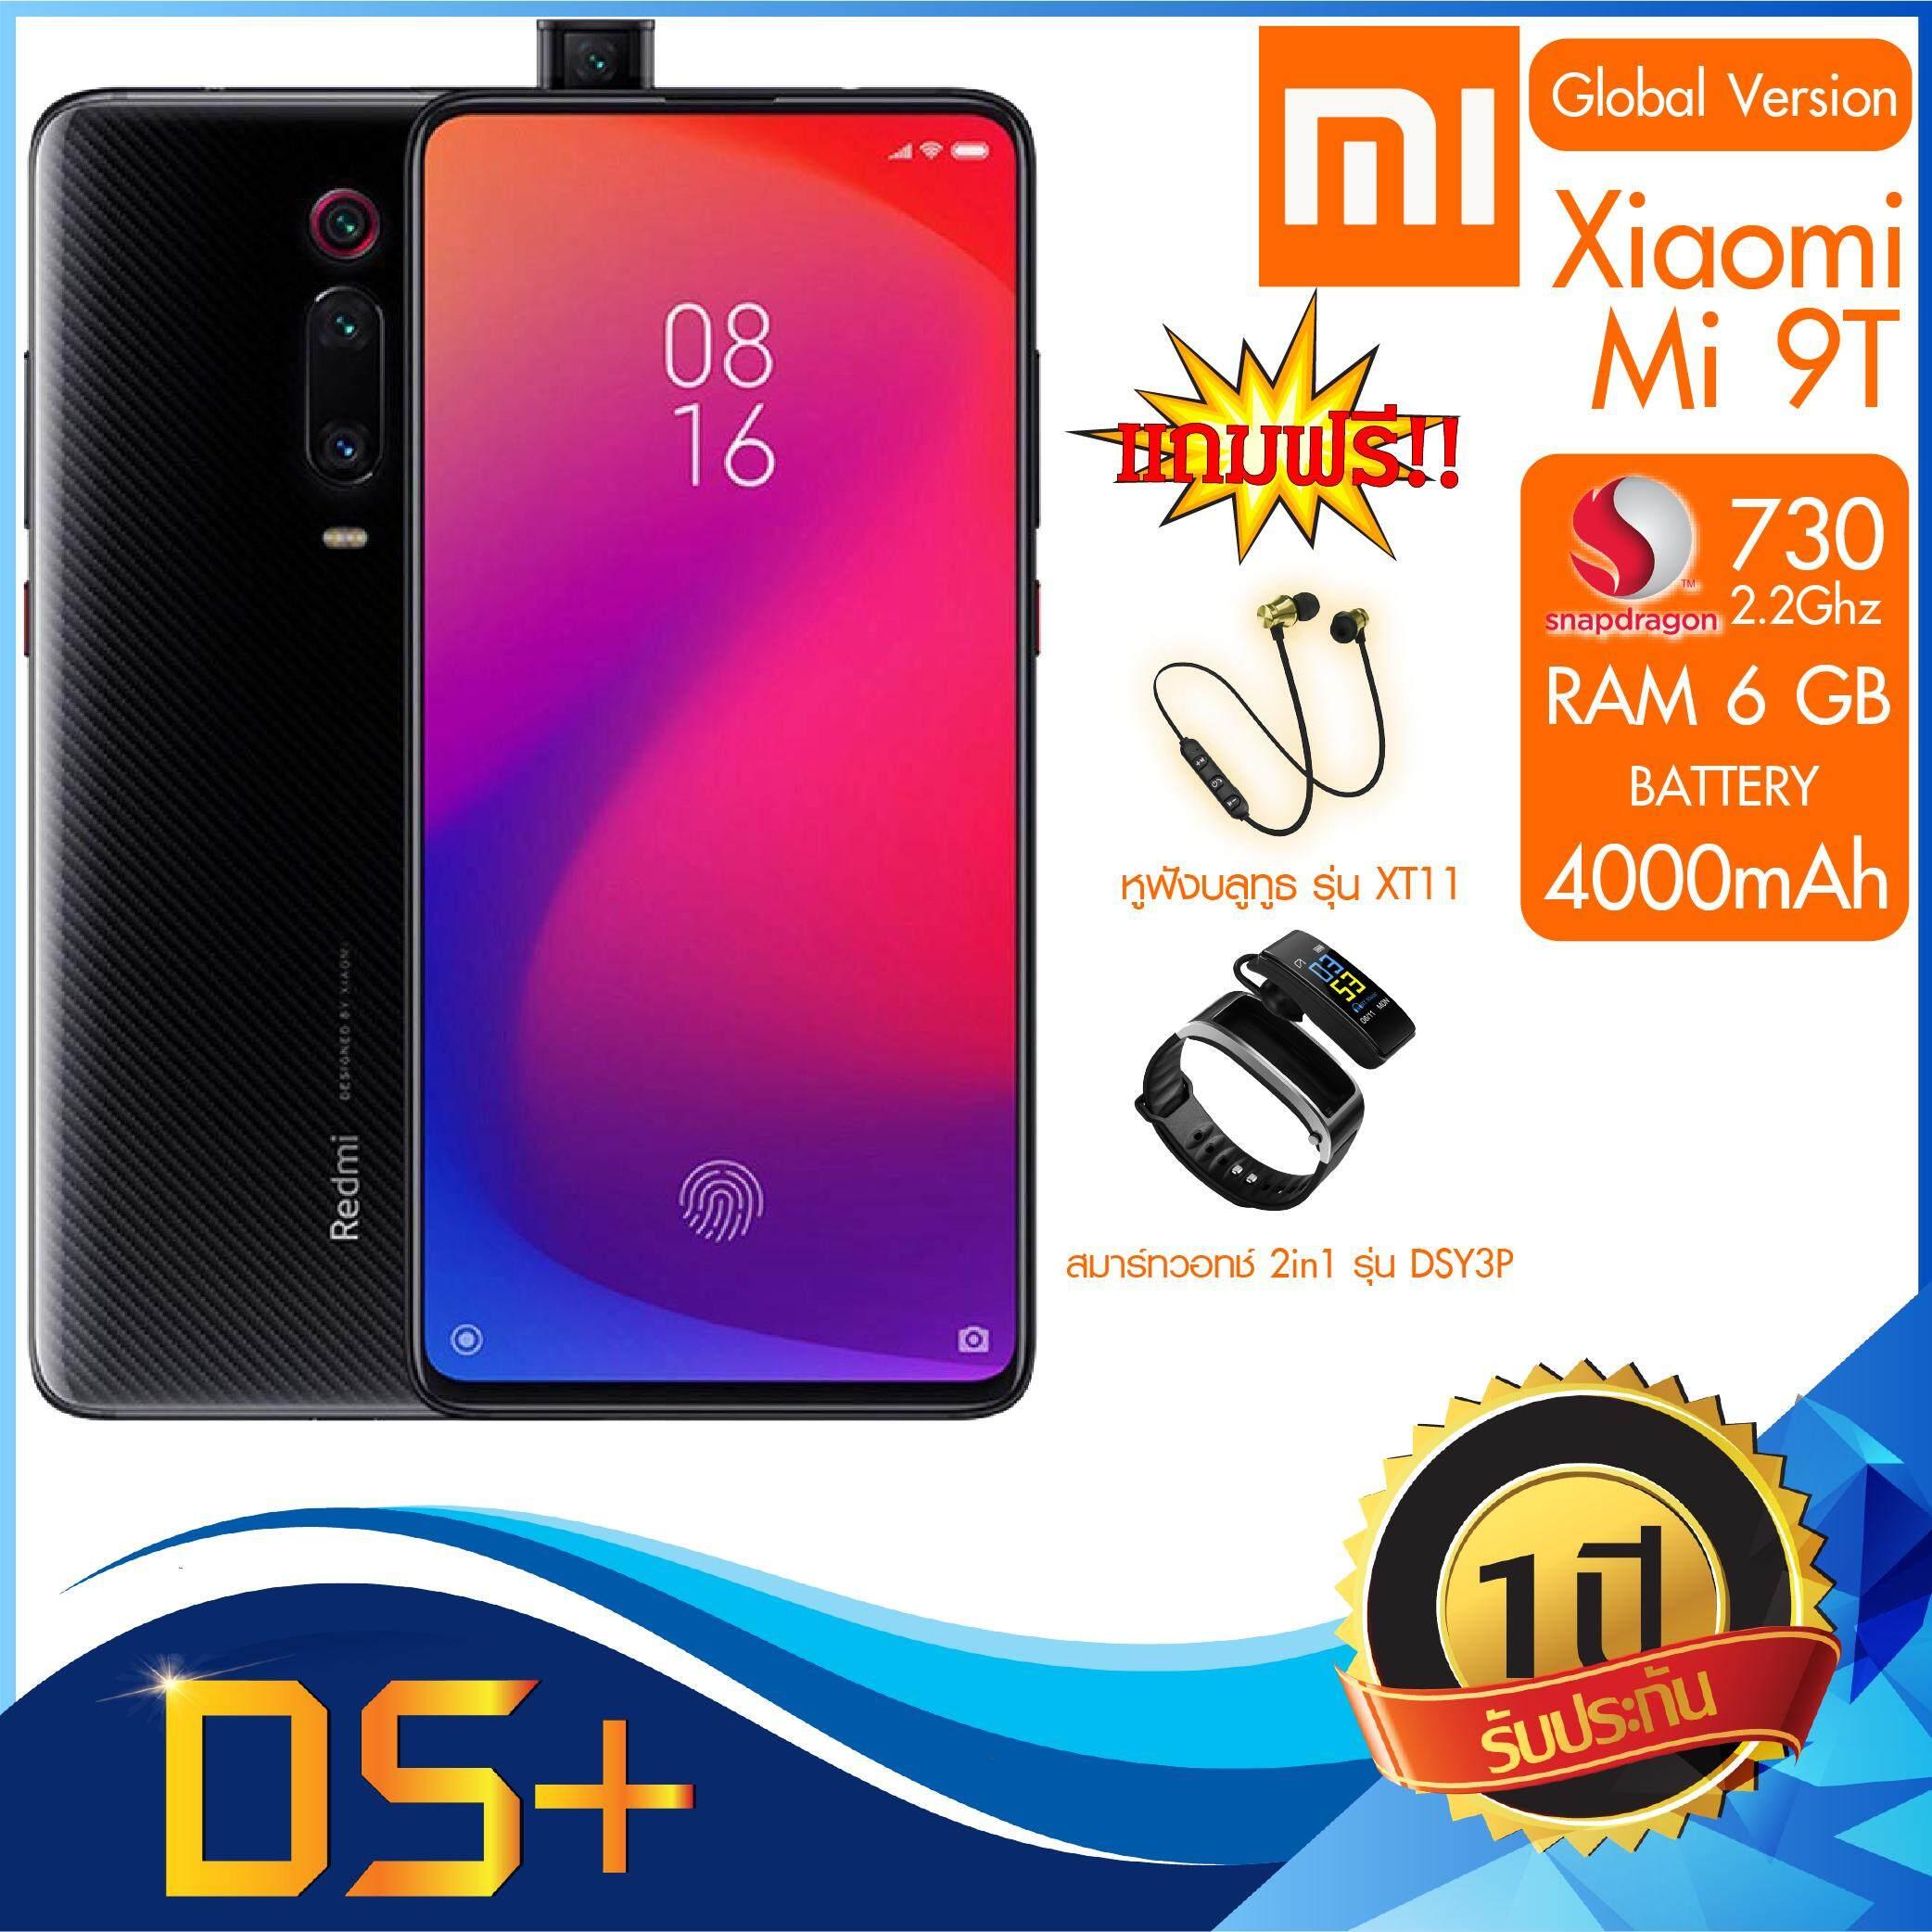 ยี่ห้อไหนดี  หนองบัวลำภู Xiaomi Mi 9T (Redmi K20) แถมฟรี!! หูฟังบลูทูธ รุ่น XT11 + สมาร์ทวอทช์ 2in1 รุุ่น DSY3P [Ram 6gb/Rom 64gb & 128gb] - รับประกันร้าน 1ปี